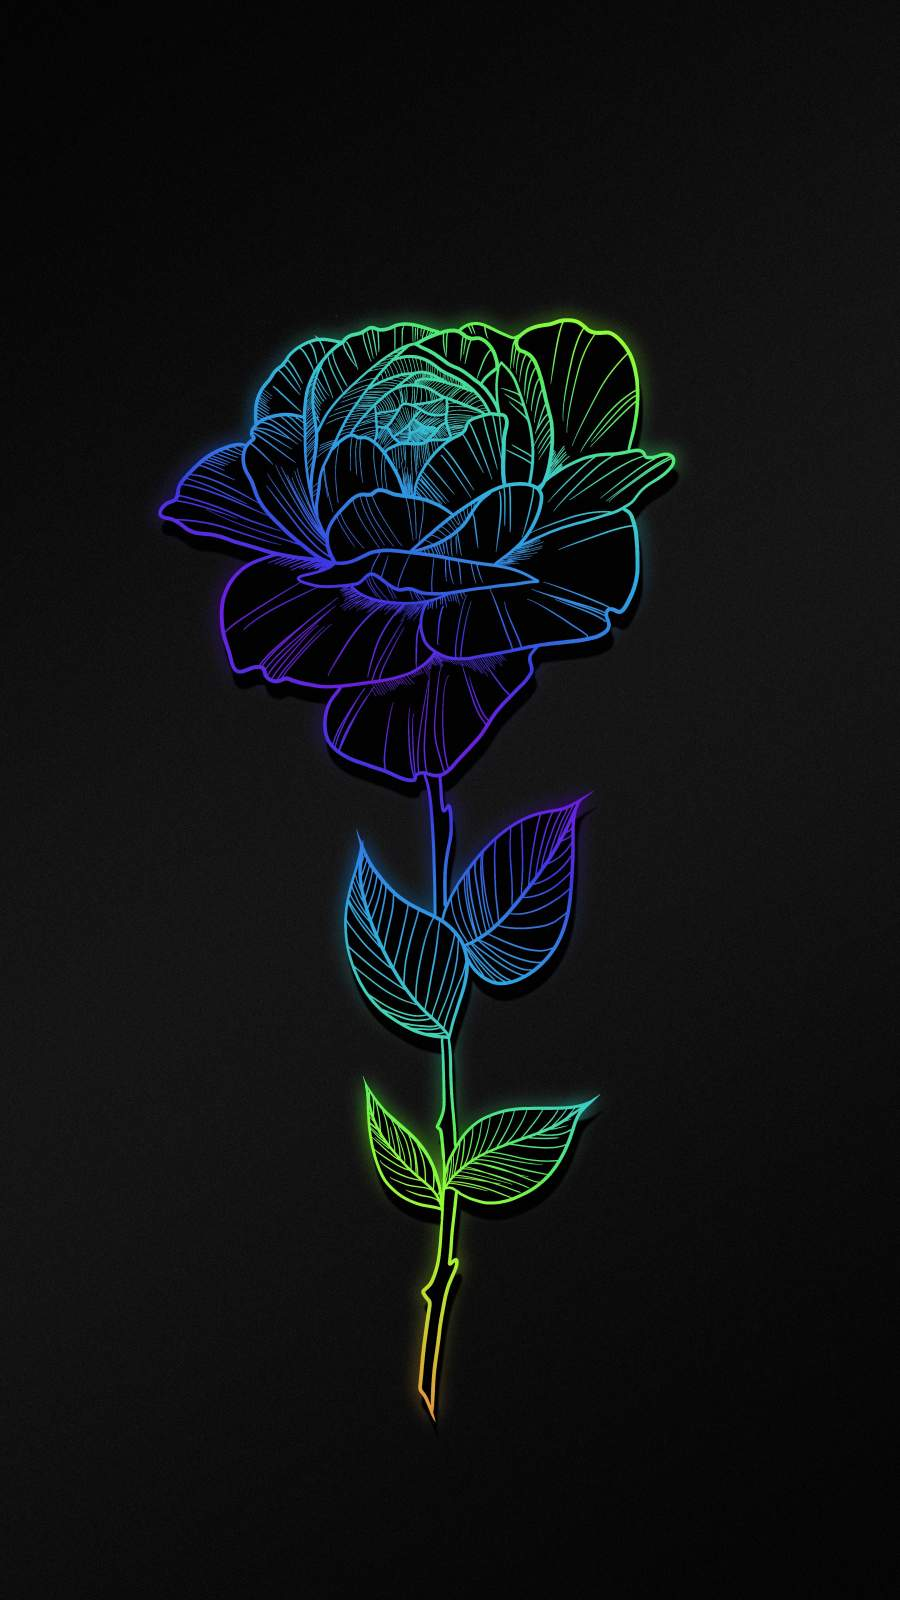 Rose Flower Art iPhone Wallpaper